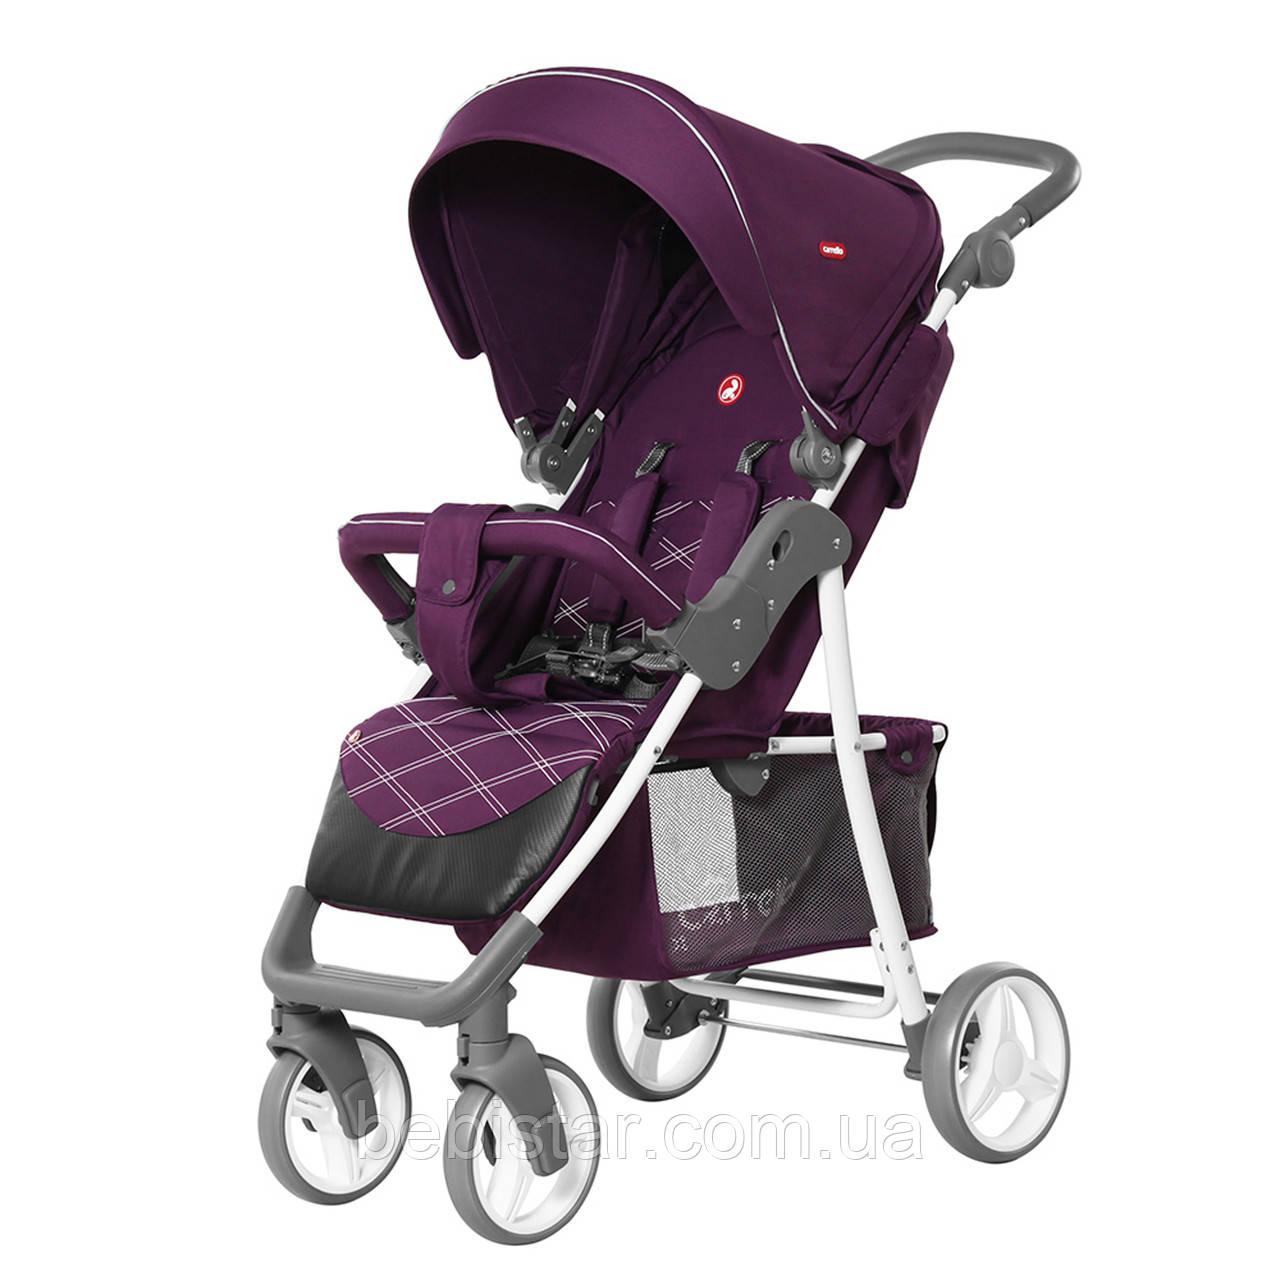 Детская прогулочная коляска с дождевиком фиолетовая, белая рама CARRELLO Quattro CRL-8502/2 Grape Purple